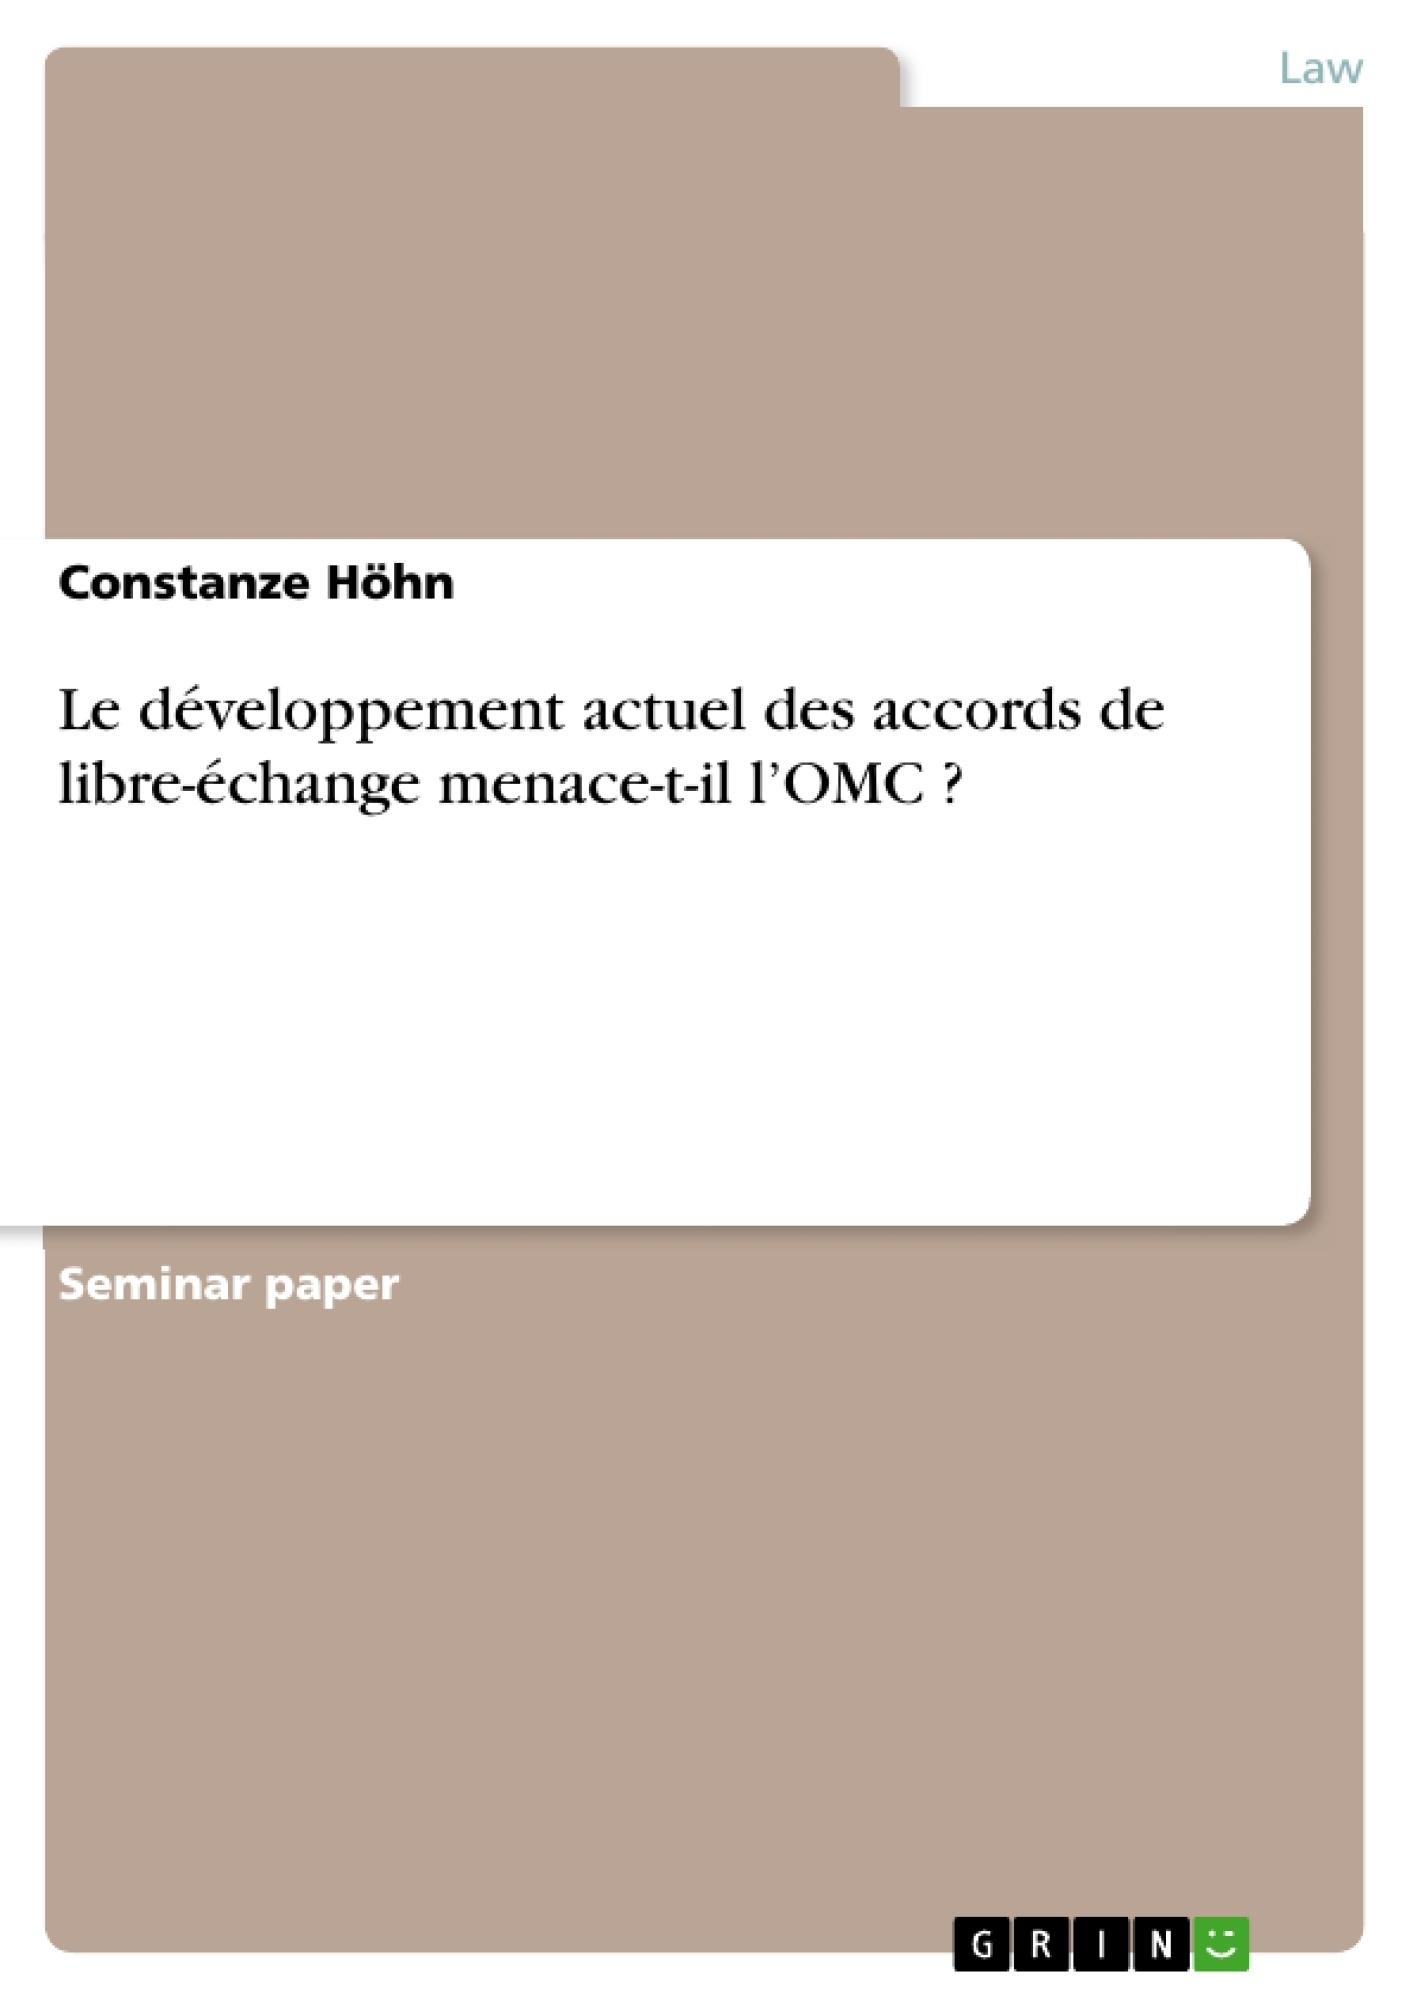 Titre: Le développement actuel des accords de libre-échange menace-t-il l'OMC ?